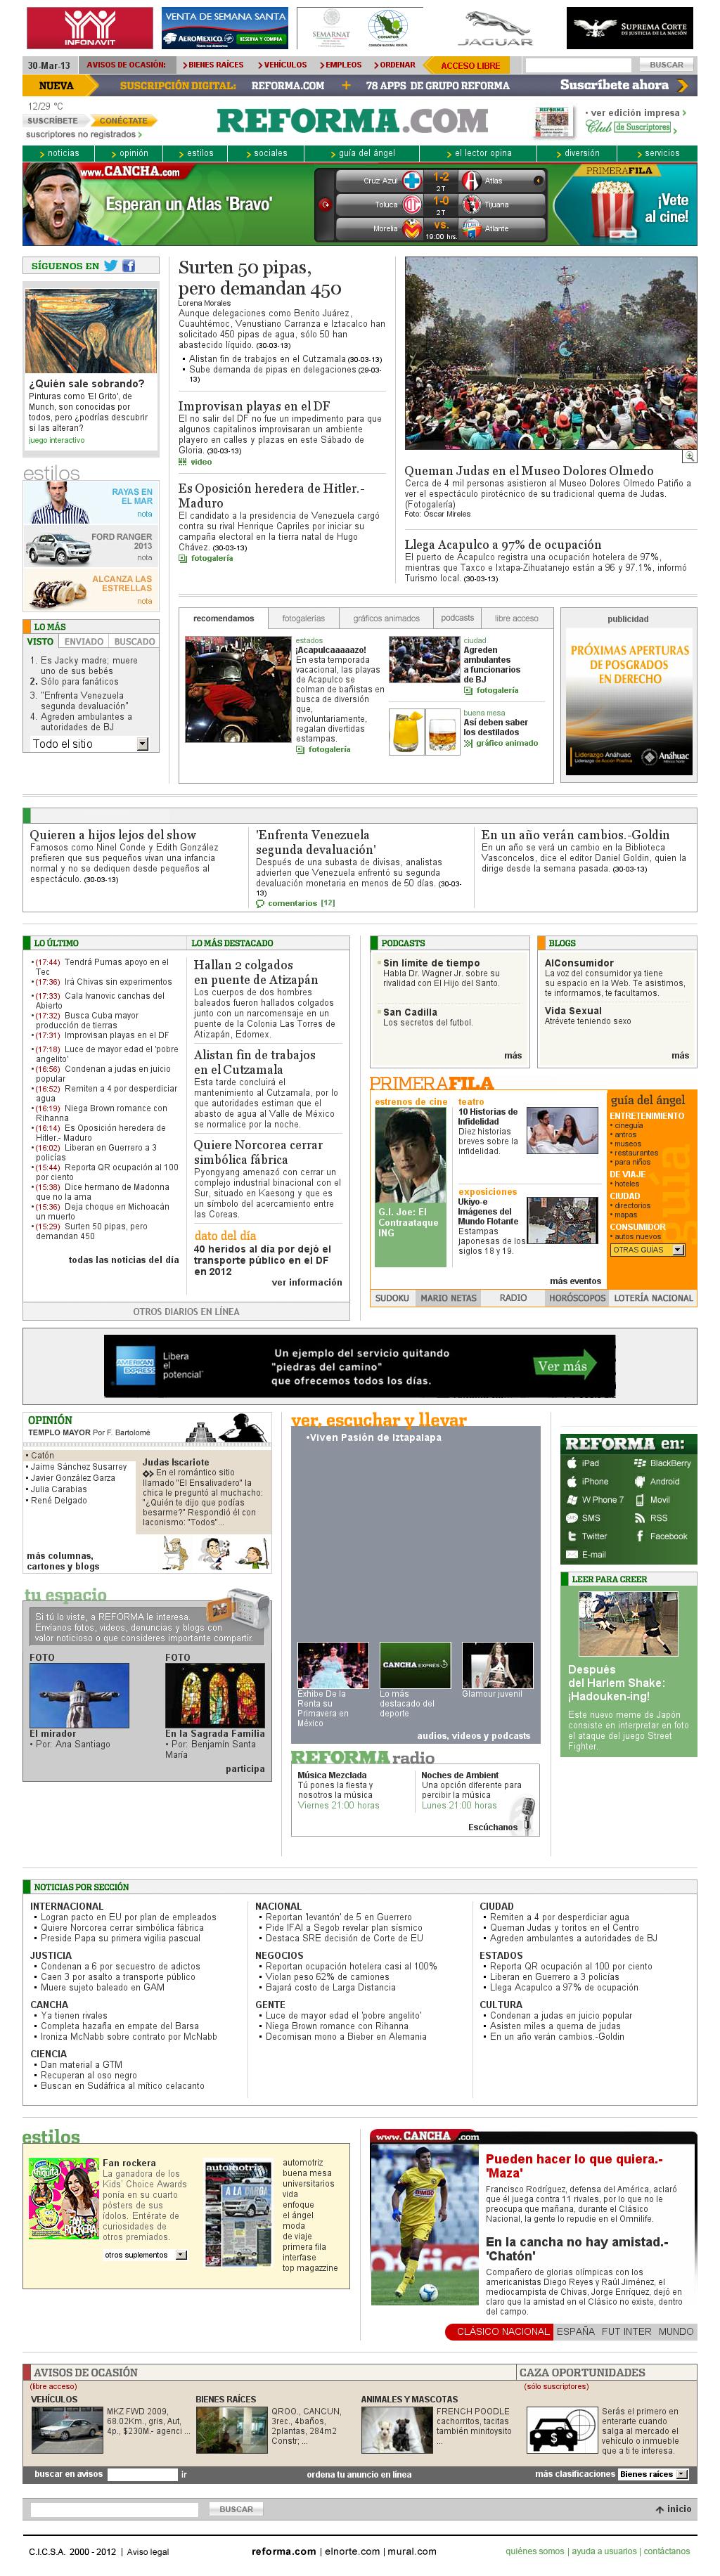 Reforma.com at Sunday March 31, 2013, 12:18 a.m. UTC